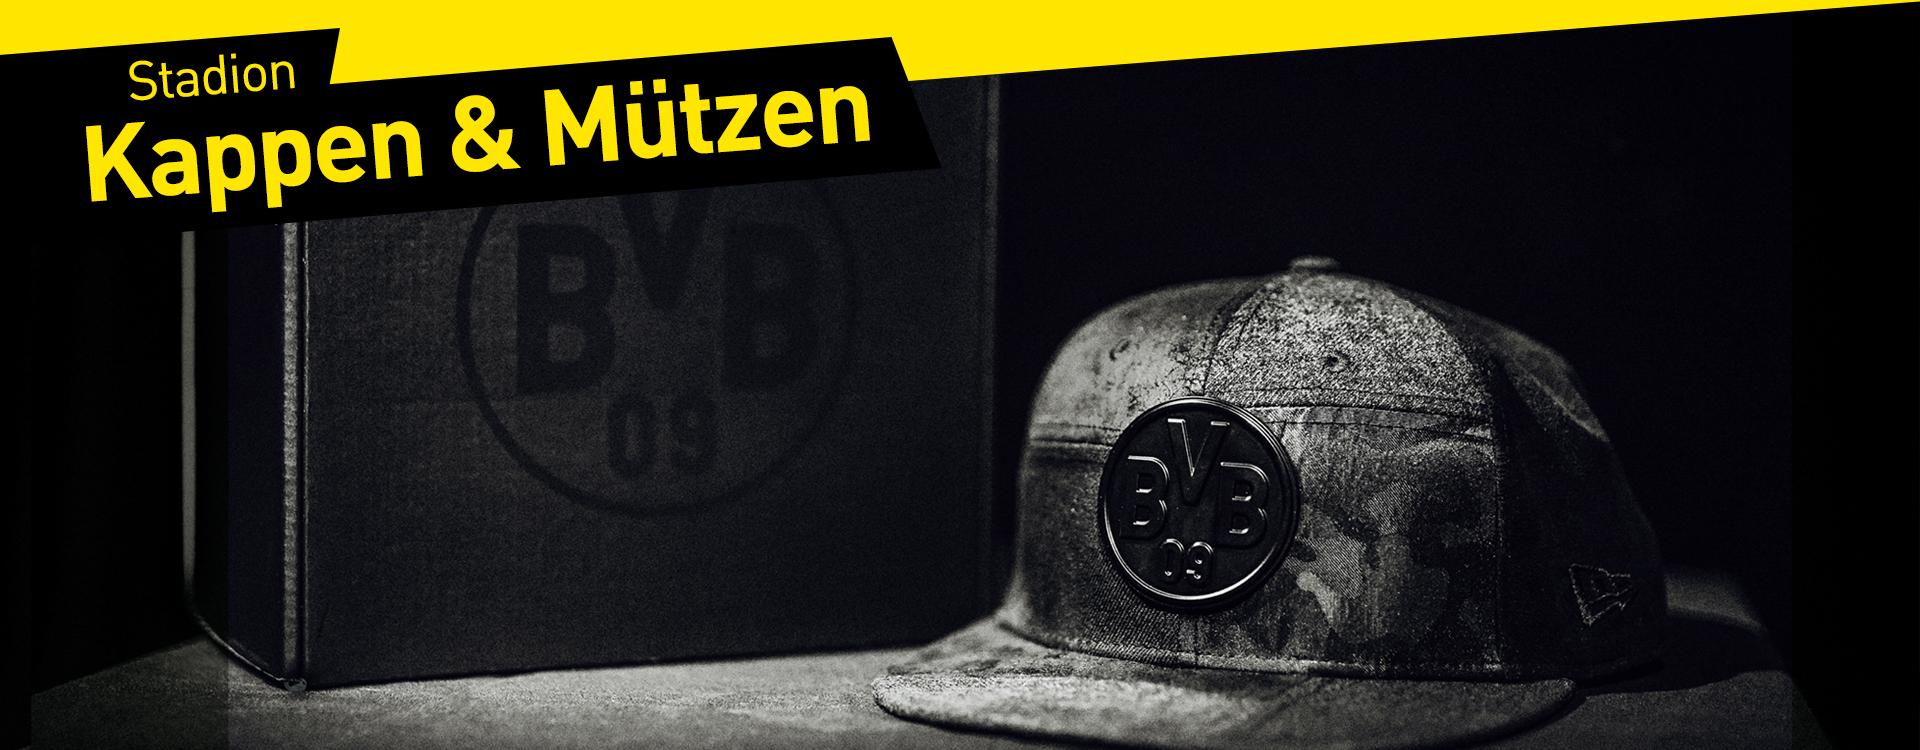 Onlineshop-Kategorieb-hnen-Desktop-1920x750px_Stadion_Kappen-Muetzen-2